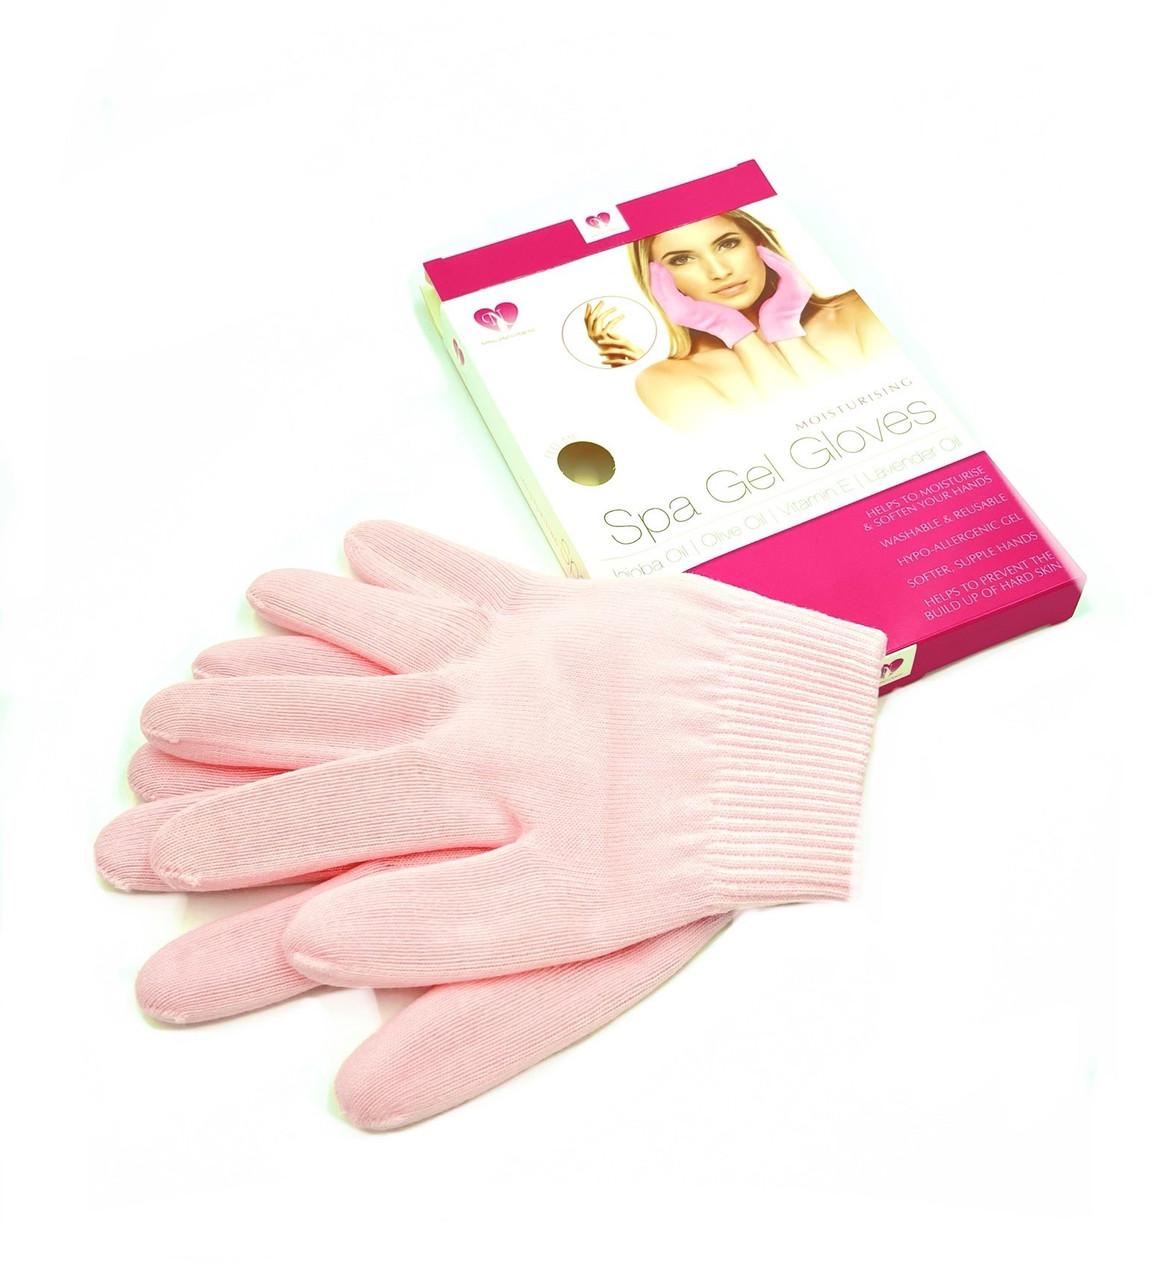 Косметические перчатки Spa Gel Gloves для холодной парафинотерапии, 1 пара